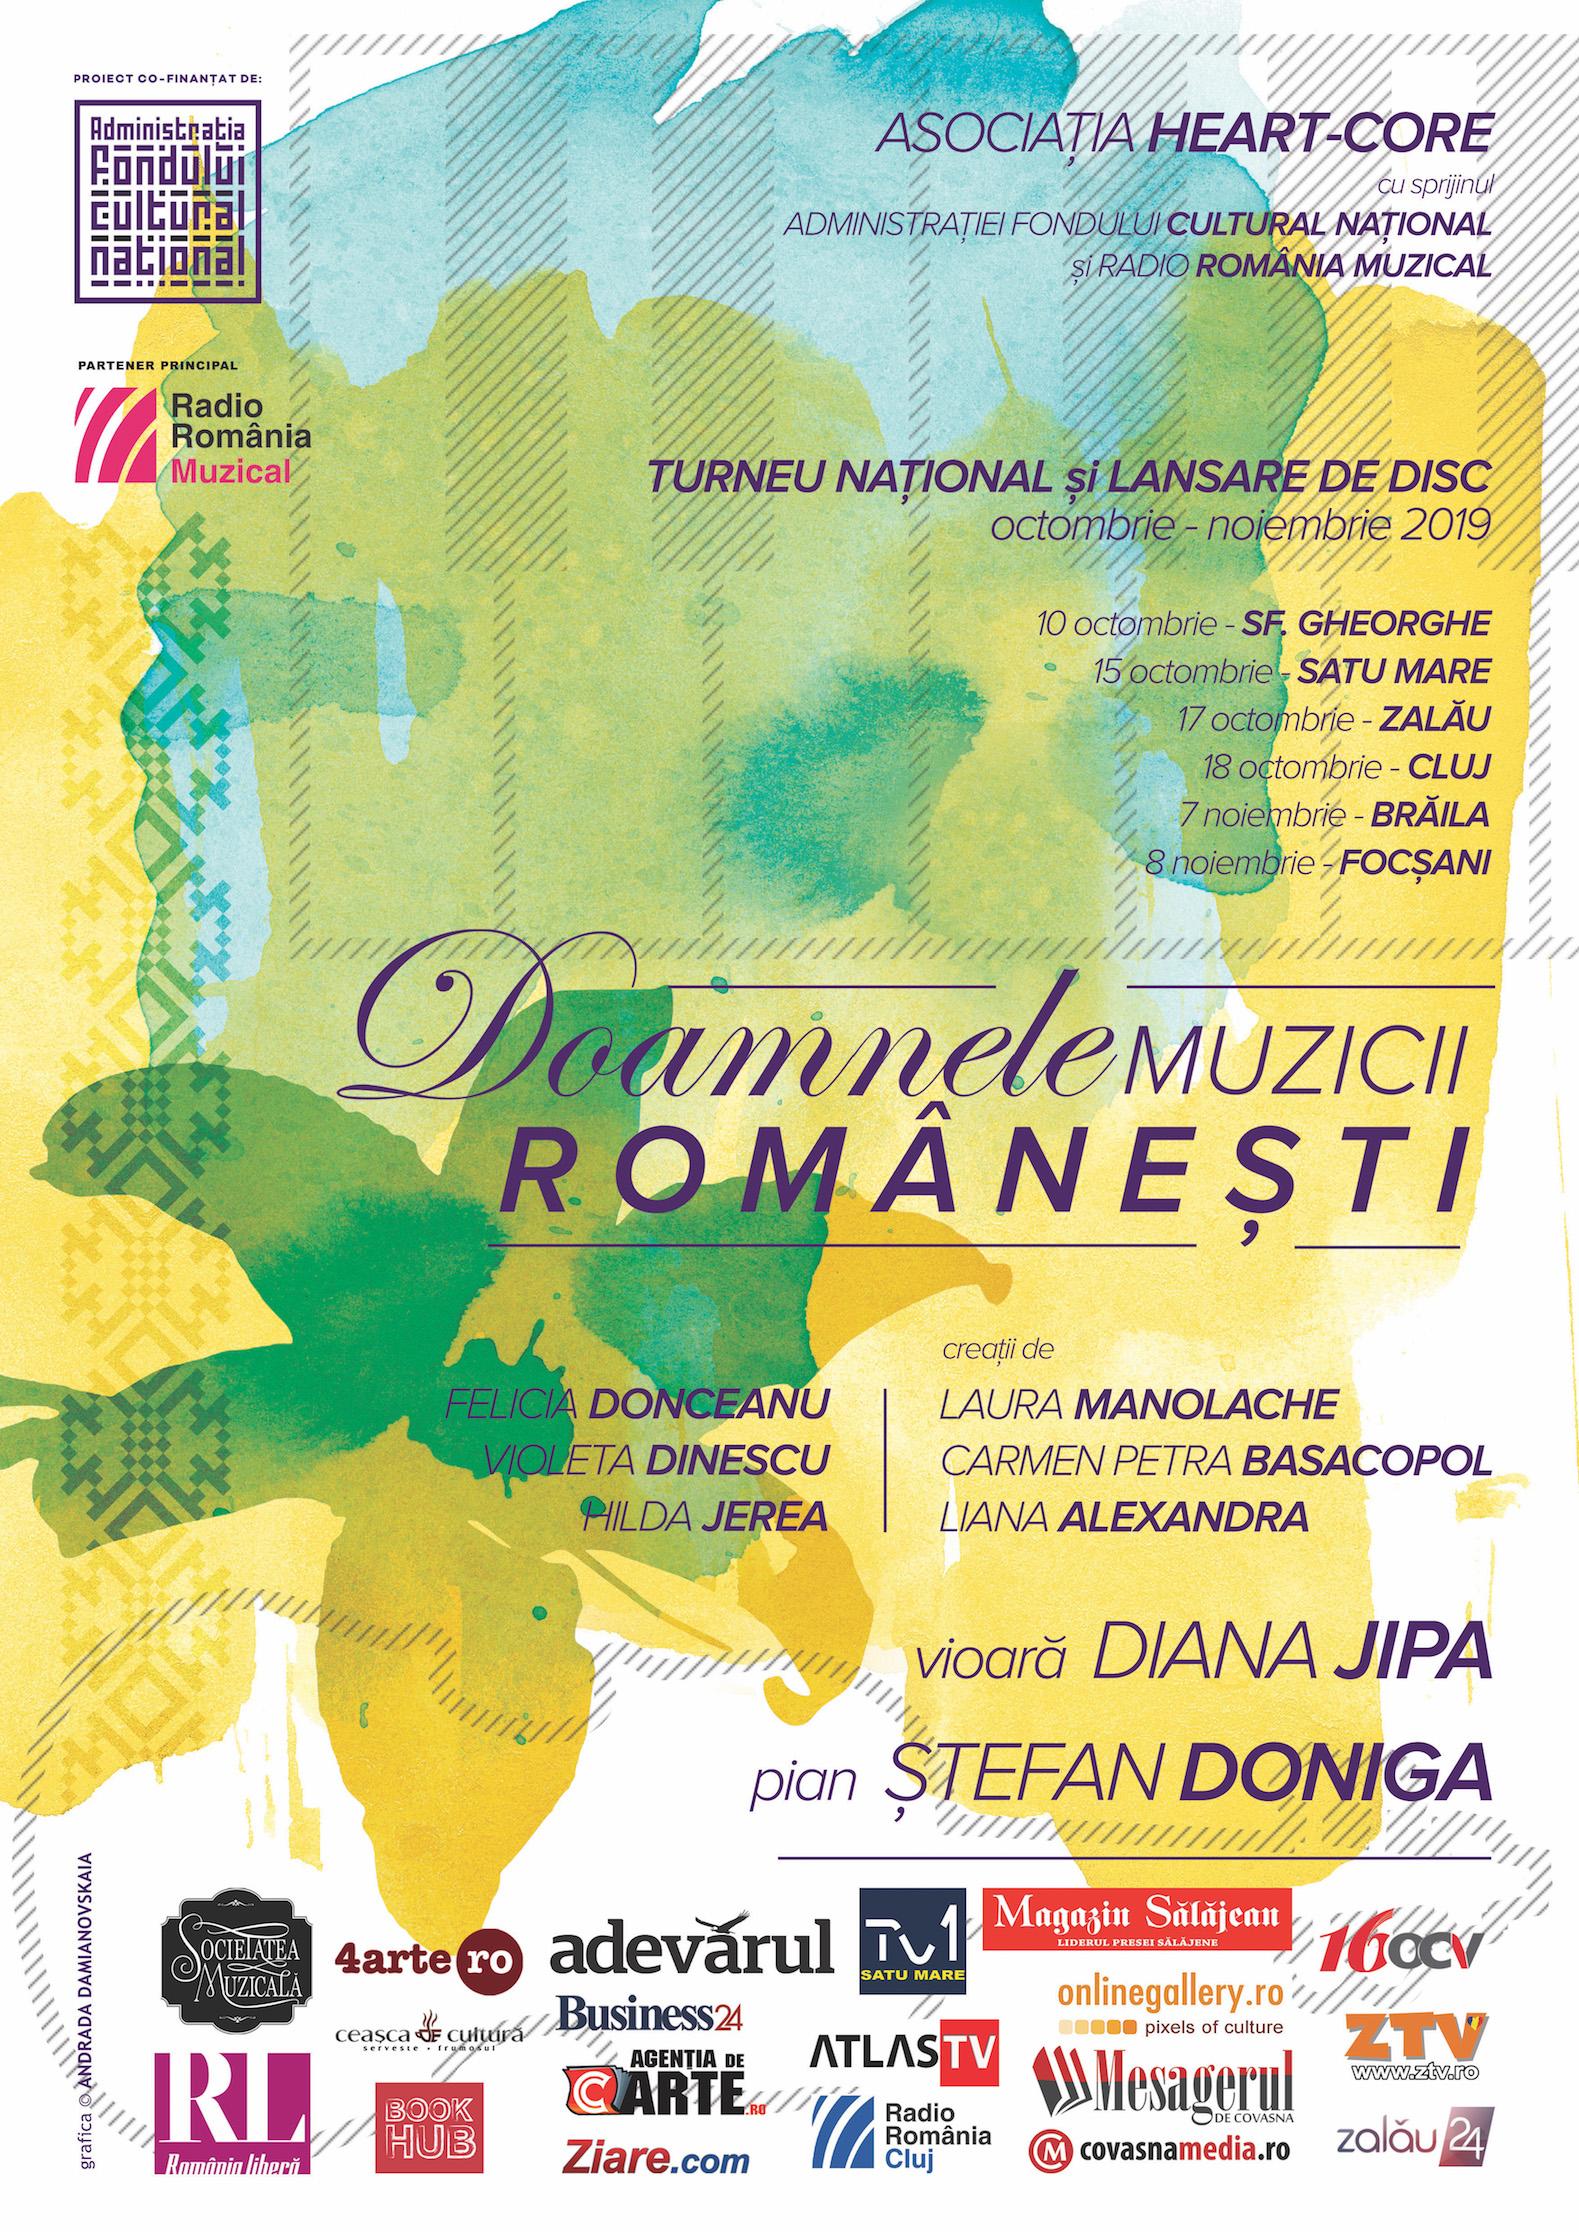 afiș Doamnele muzicii românești